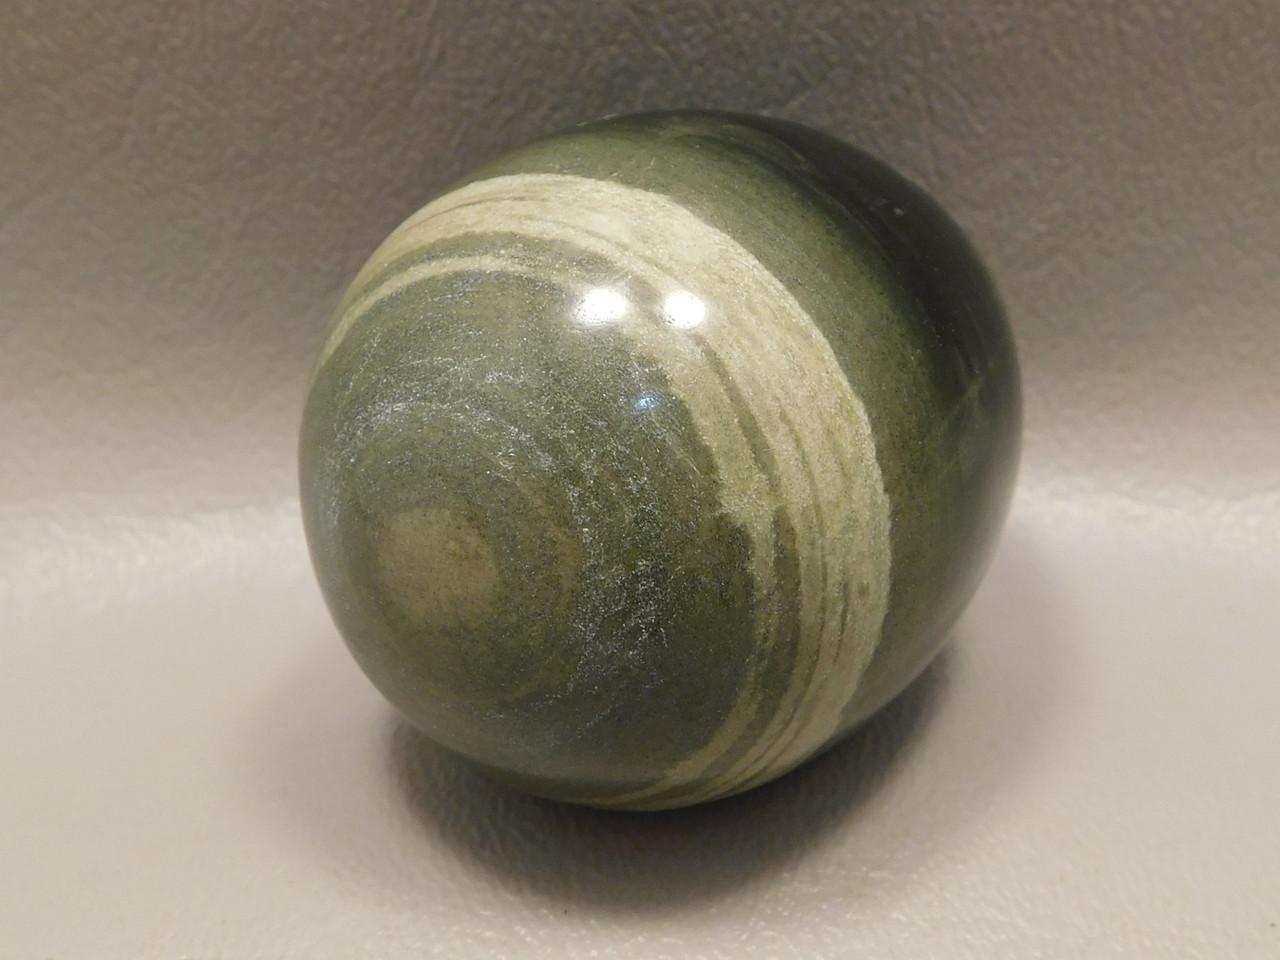 Silver Leaf Jasper Egg Green Gemstone 2.25 inch Rocks Minerals #O3